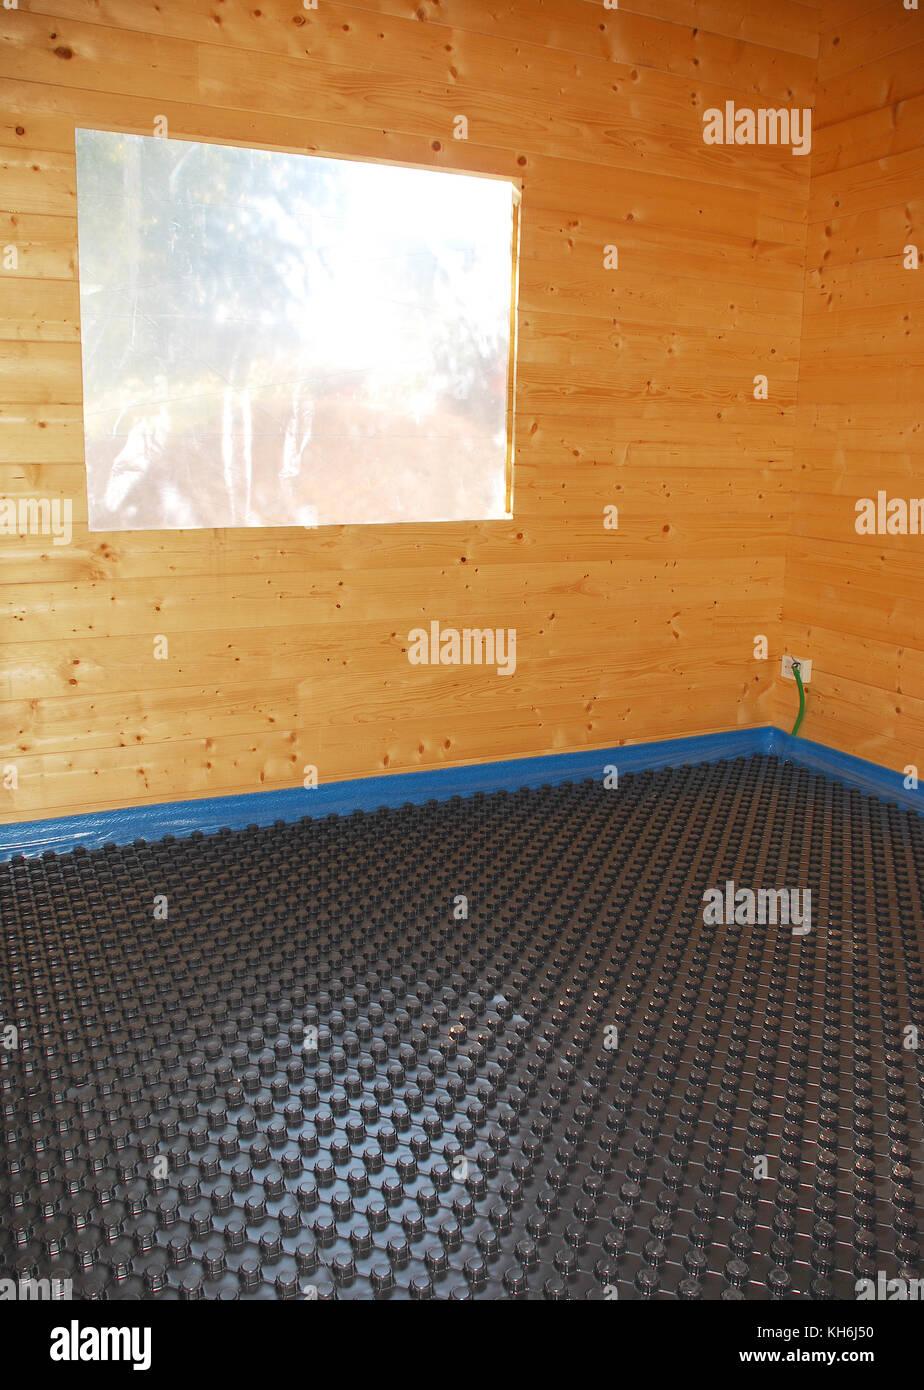 Ein Zimmer in einem teilweise konstruierten Holzhaus mit schwarzem Kunststoff isolierte Panel in geschäumtem Stockbild